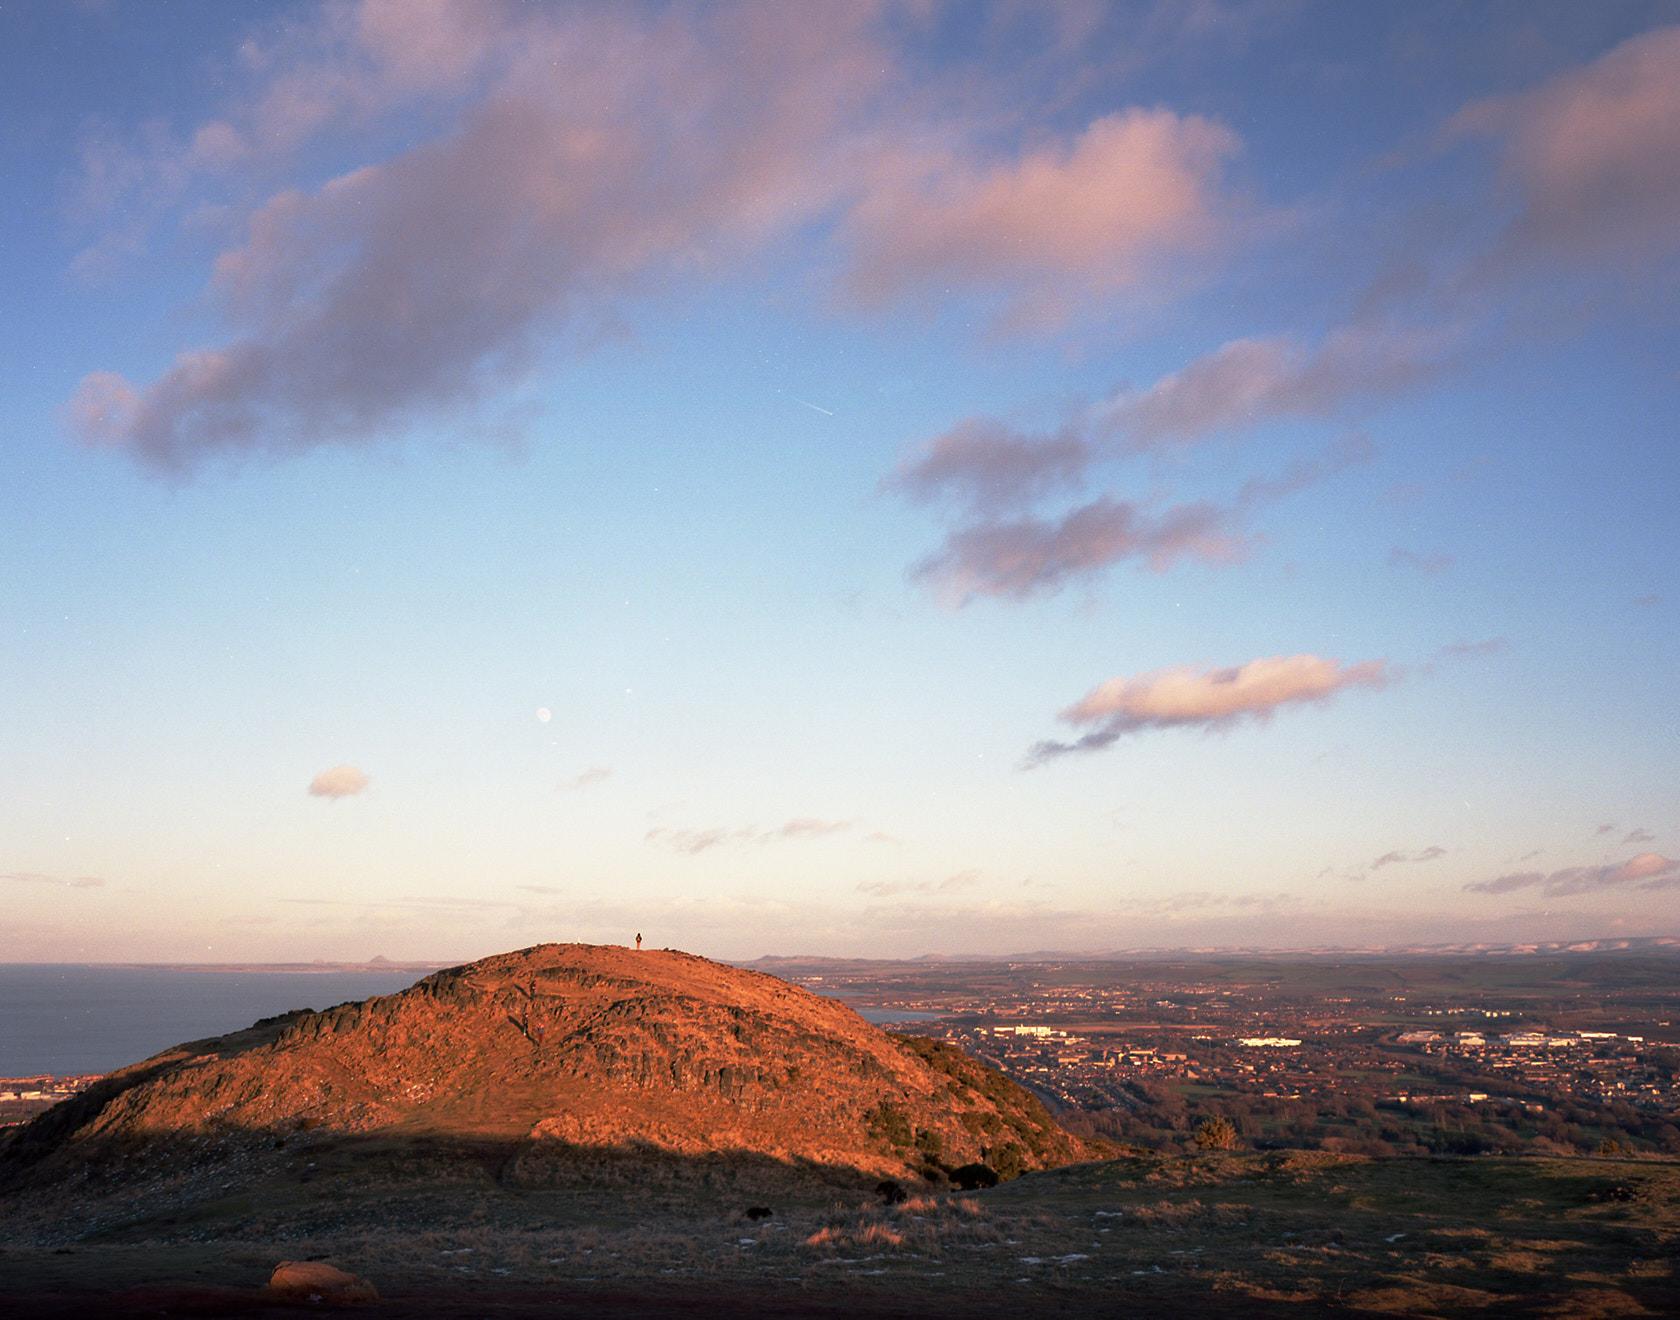 scotland_edinburgh_arthur's_seat_ektar_mamiya7.jpg